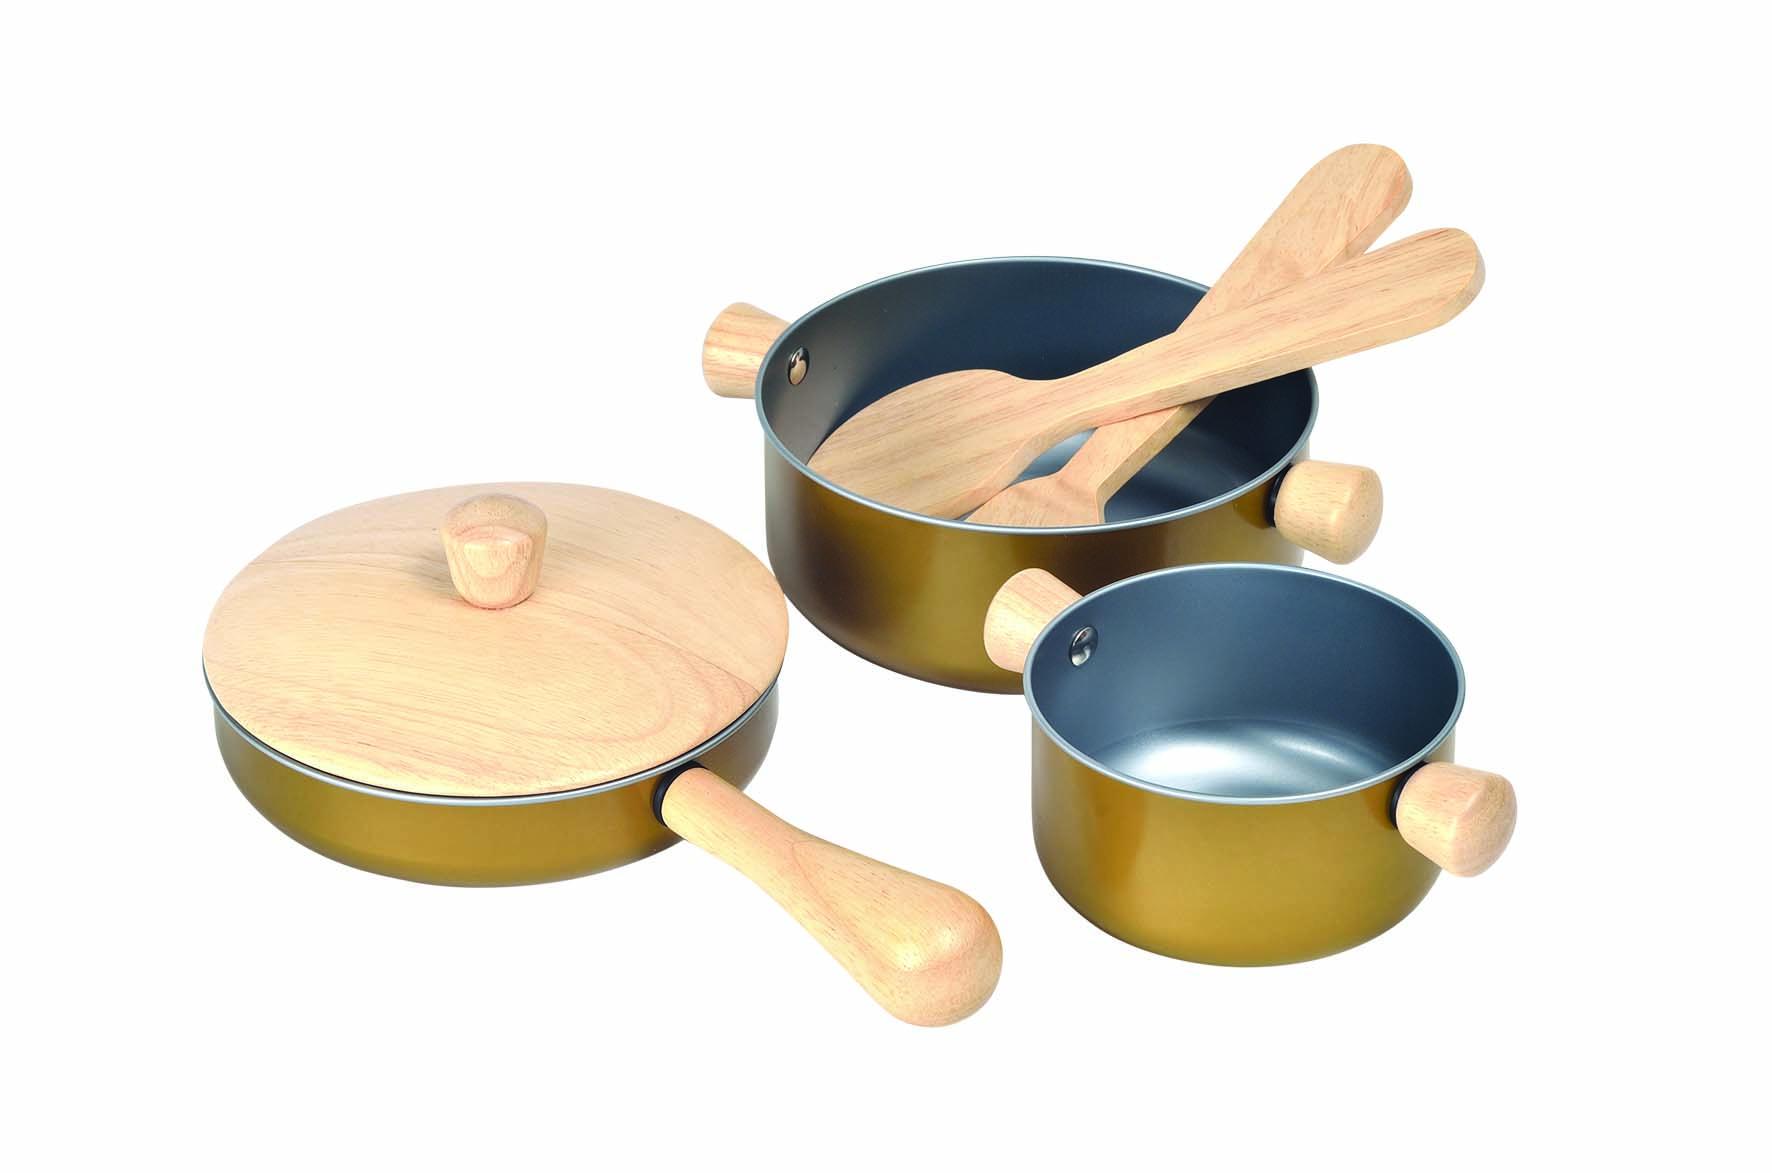 Plan Toys - Cooking Utensils set